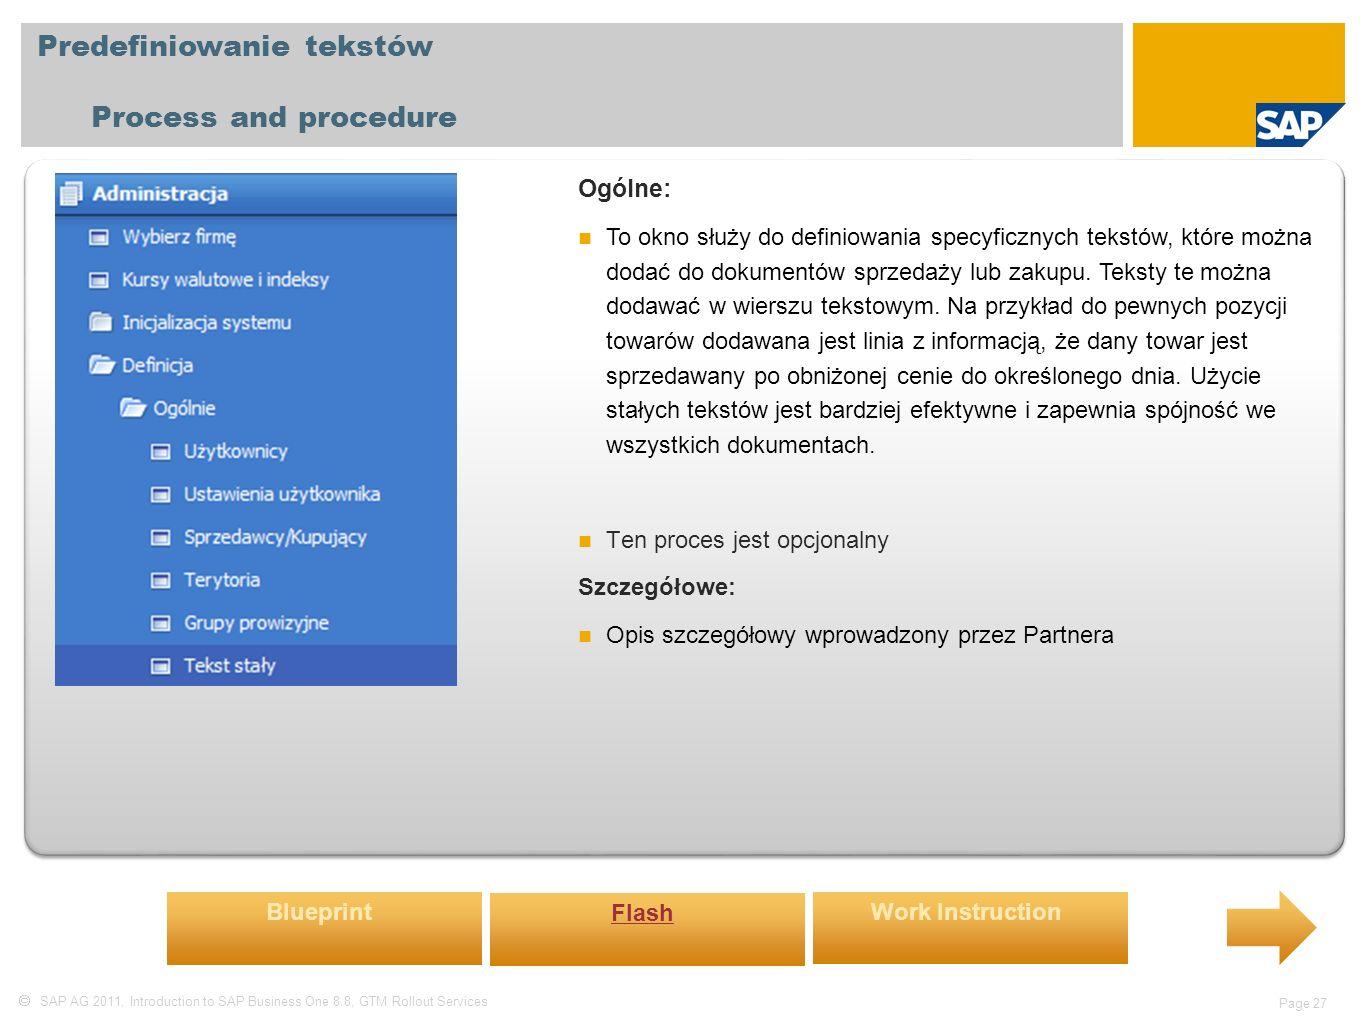  SAP AG 2011, Introduction to SAP Business One 8.8, GTM Rollout Services Page 27 Predefiniowanie tekstów Process and procedure Ogólne: To okno służy do definiowania specyficznych tekstów, które można dodać do dokumentów sprzedaży lub zakupu.